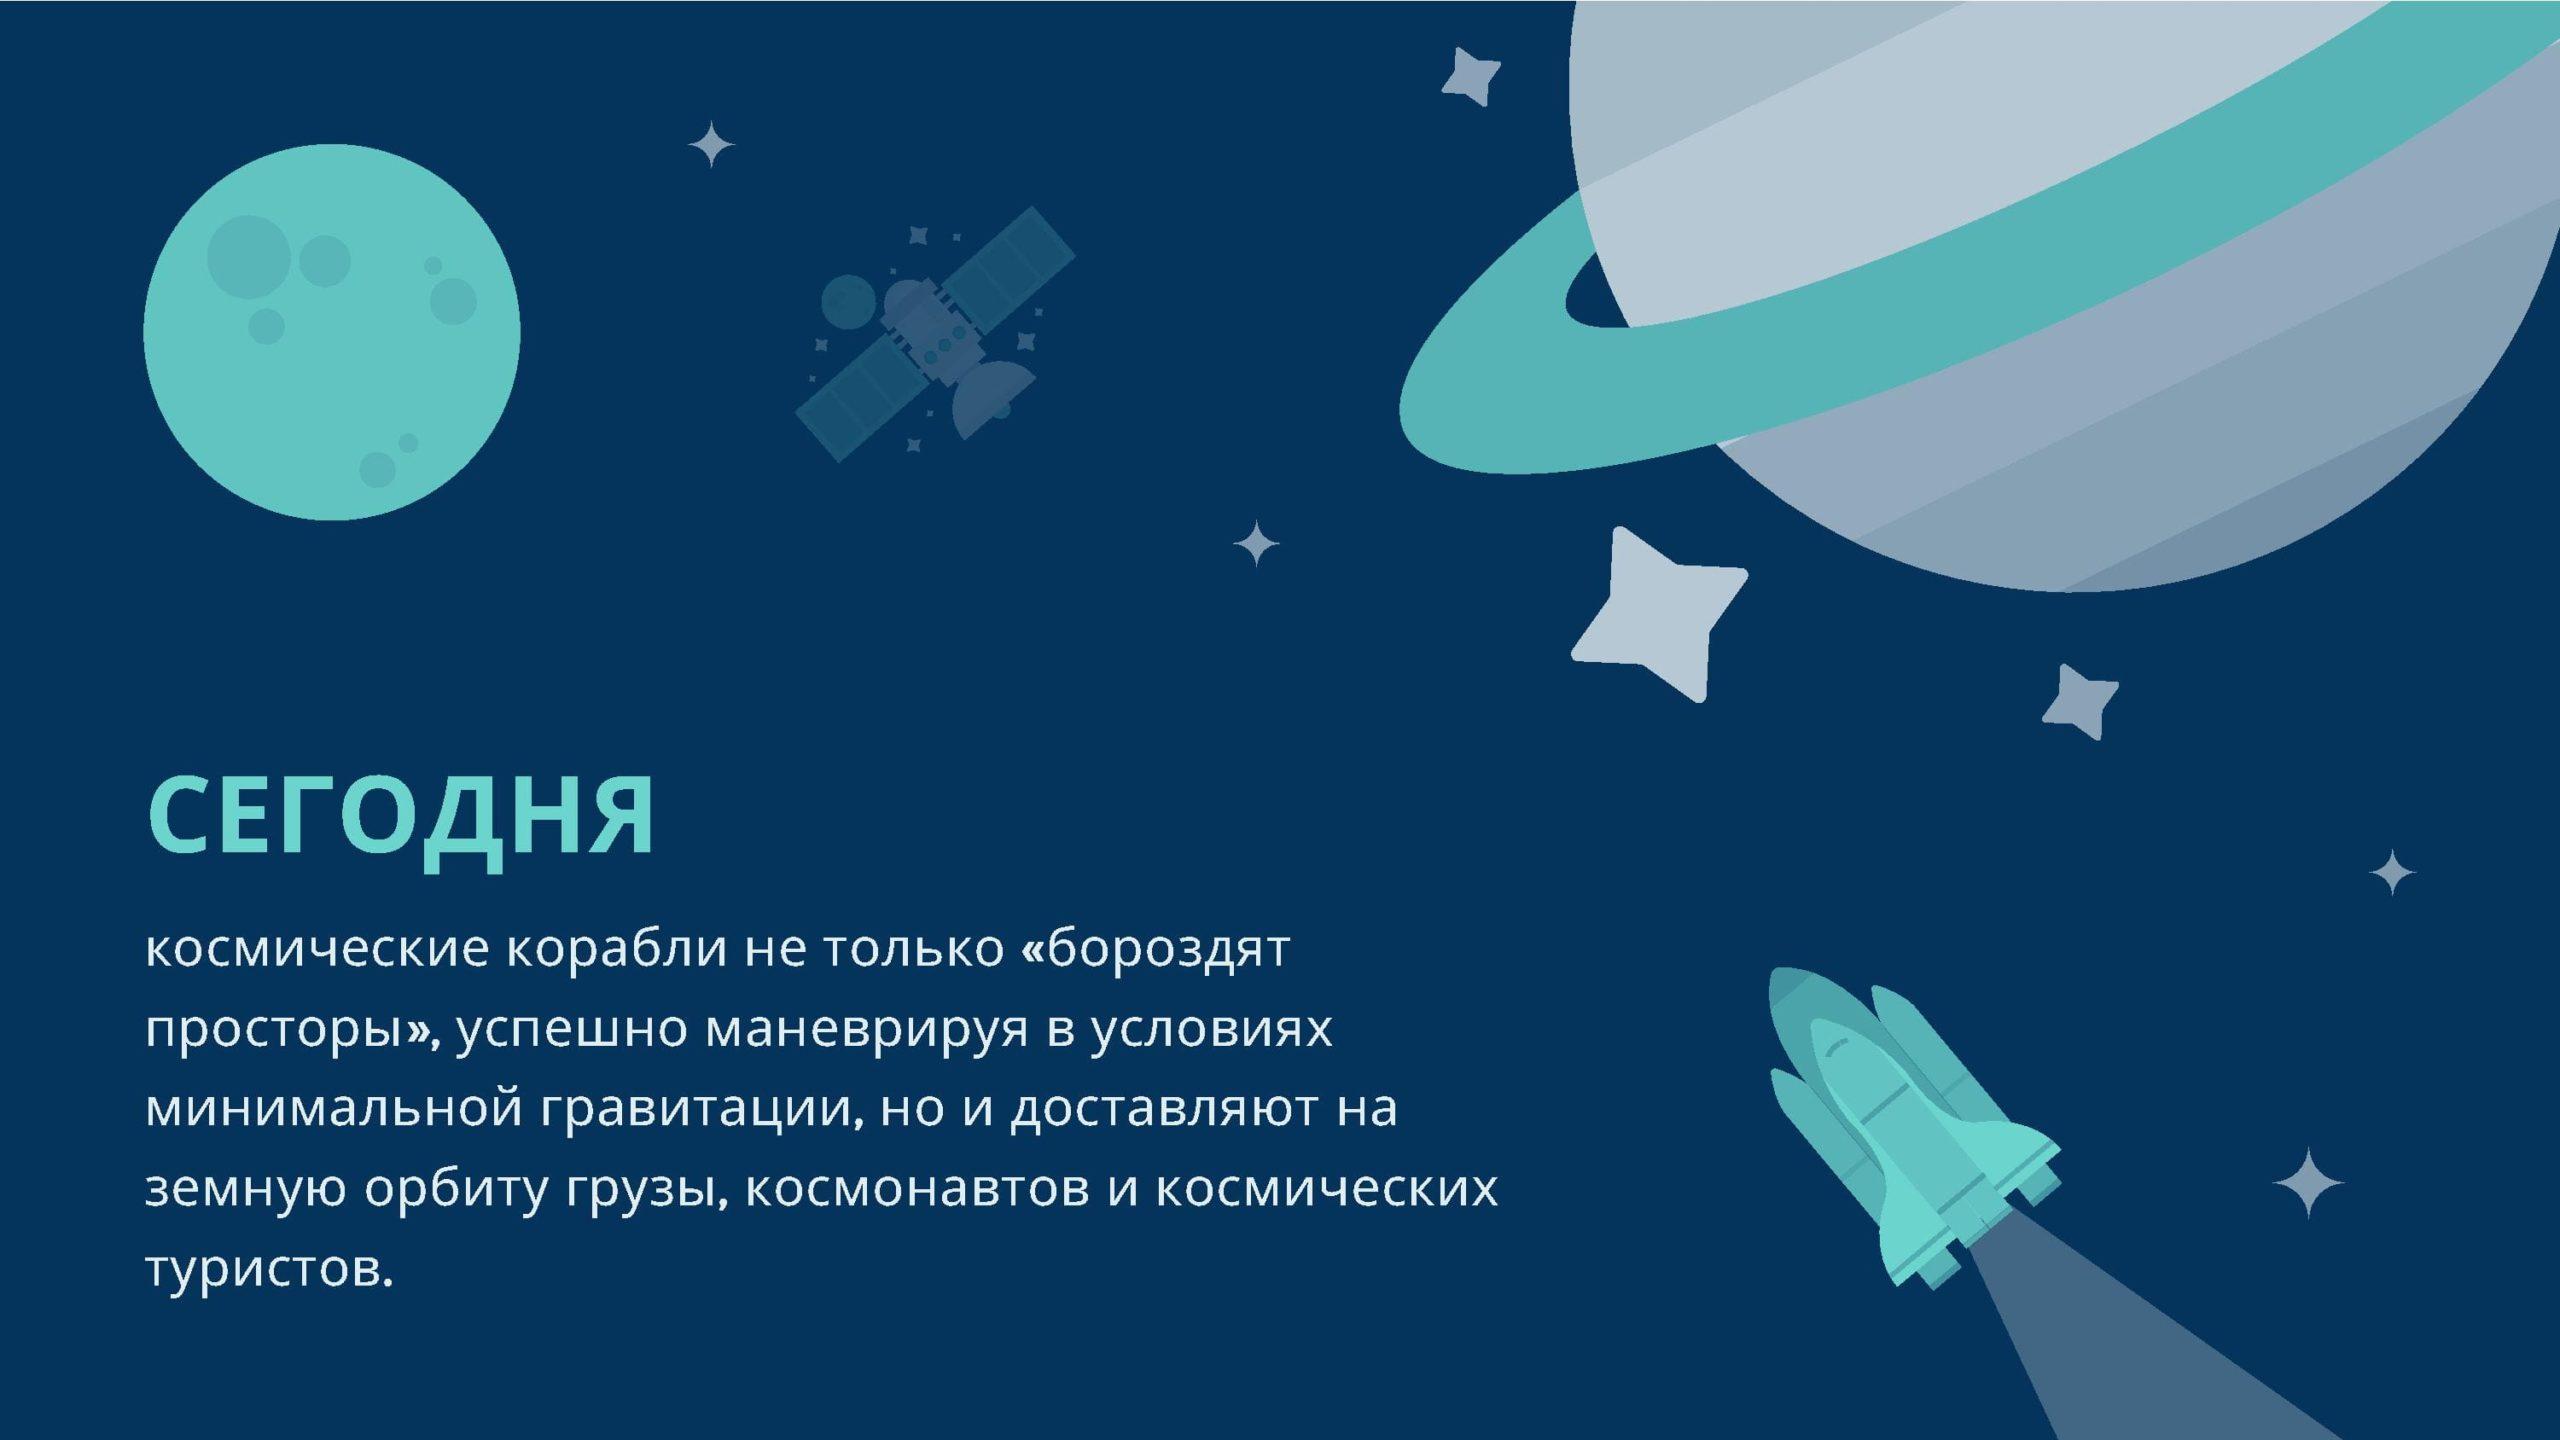 """Сегодня космические корабли не только """"бороздят просторы"""", успешно маневрируя"""